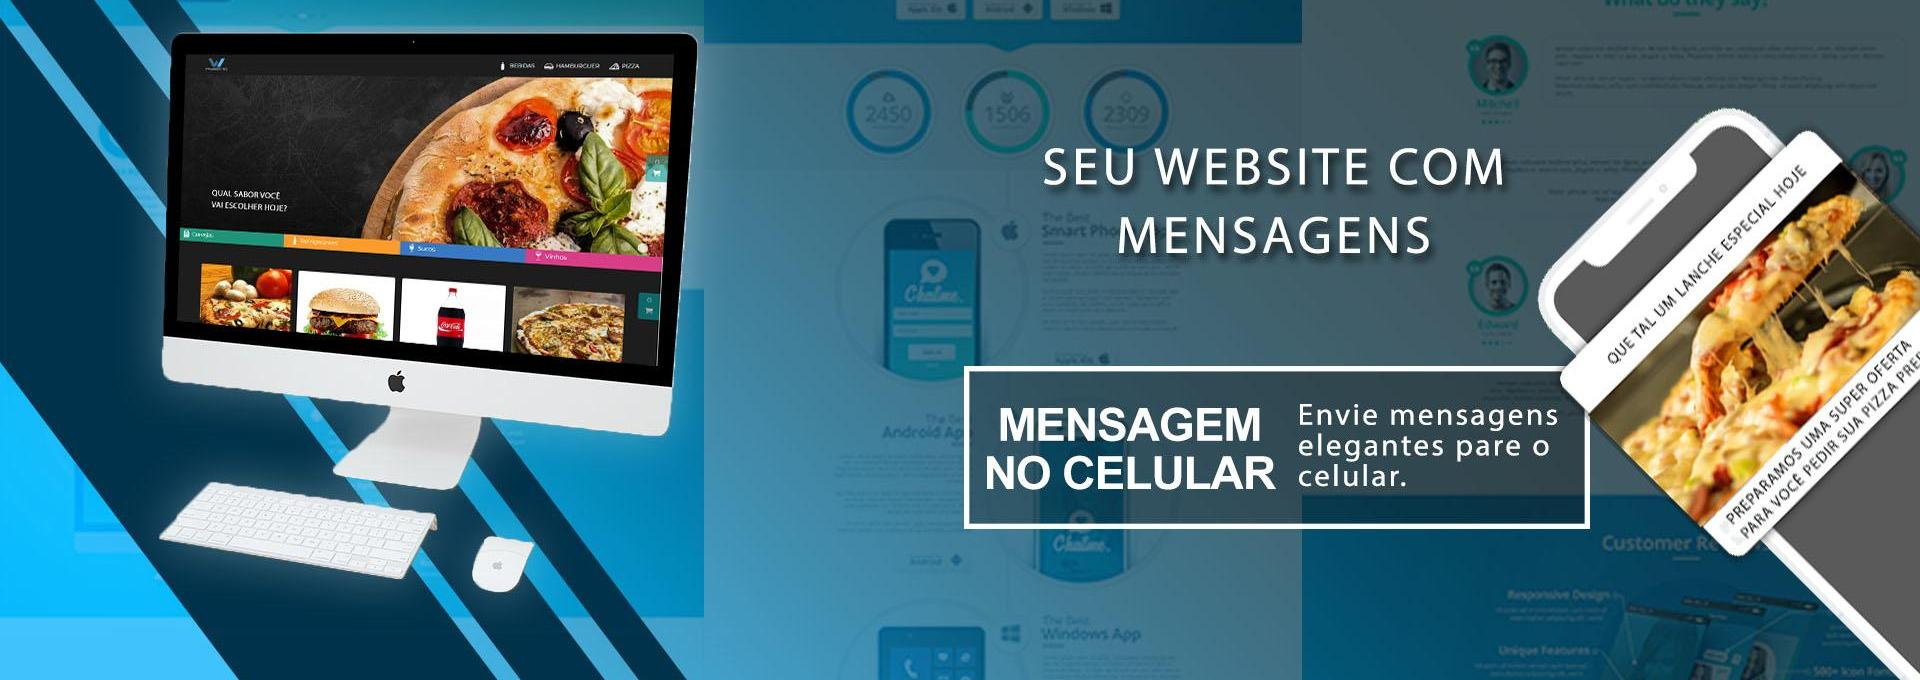 Seu website com mensagens